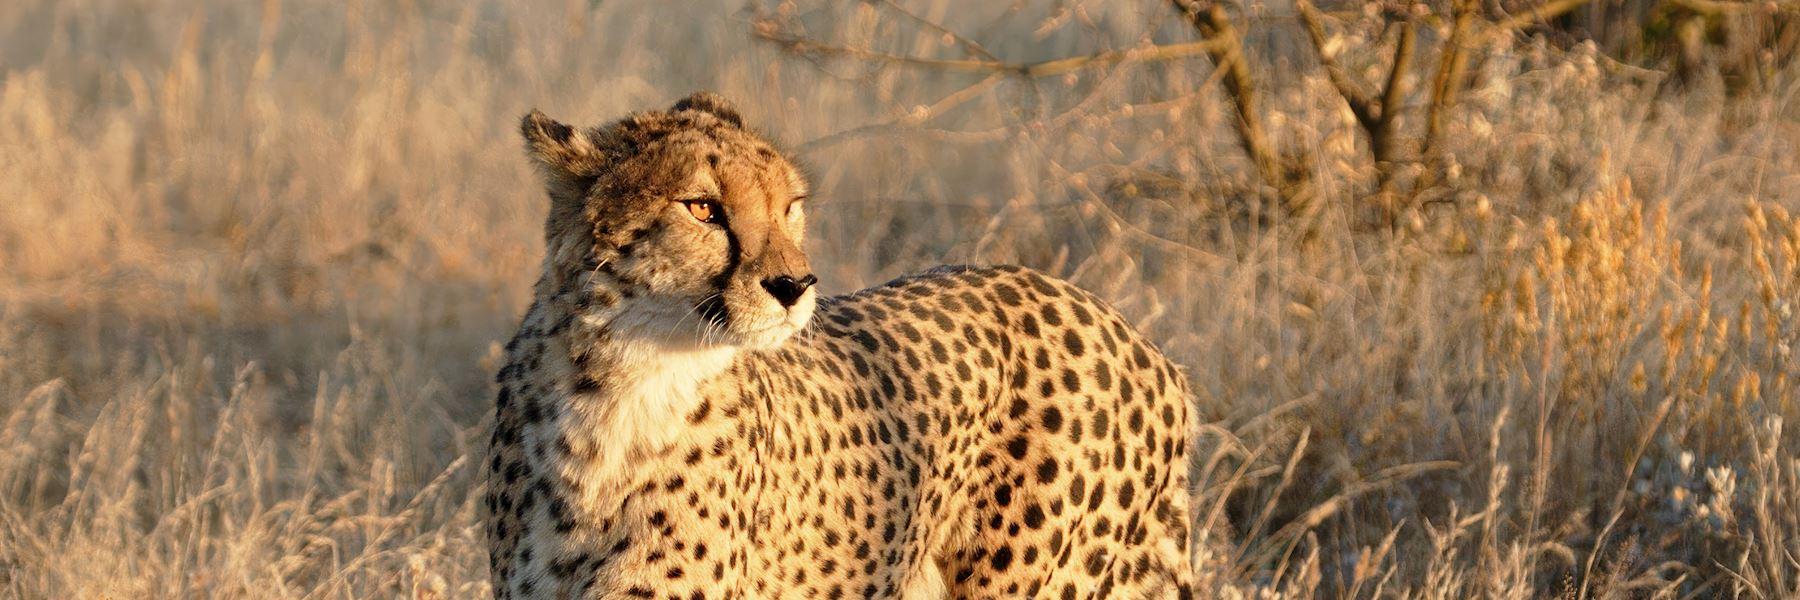 Visit Etosha National Park, Namibia